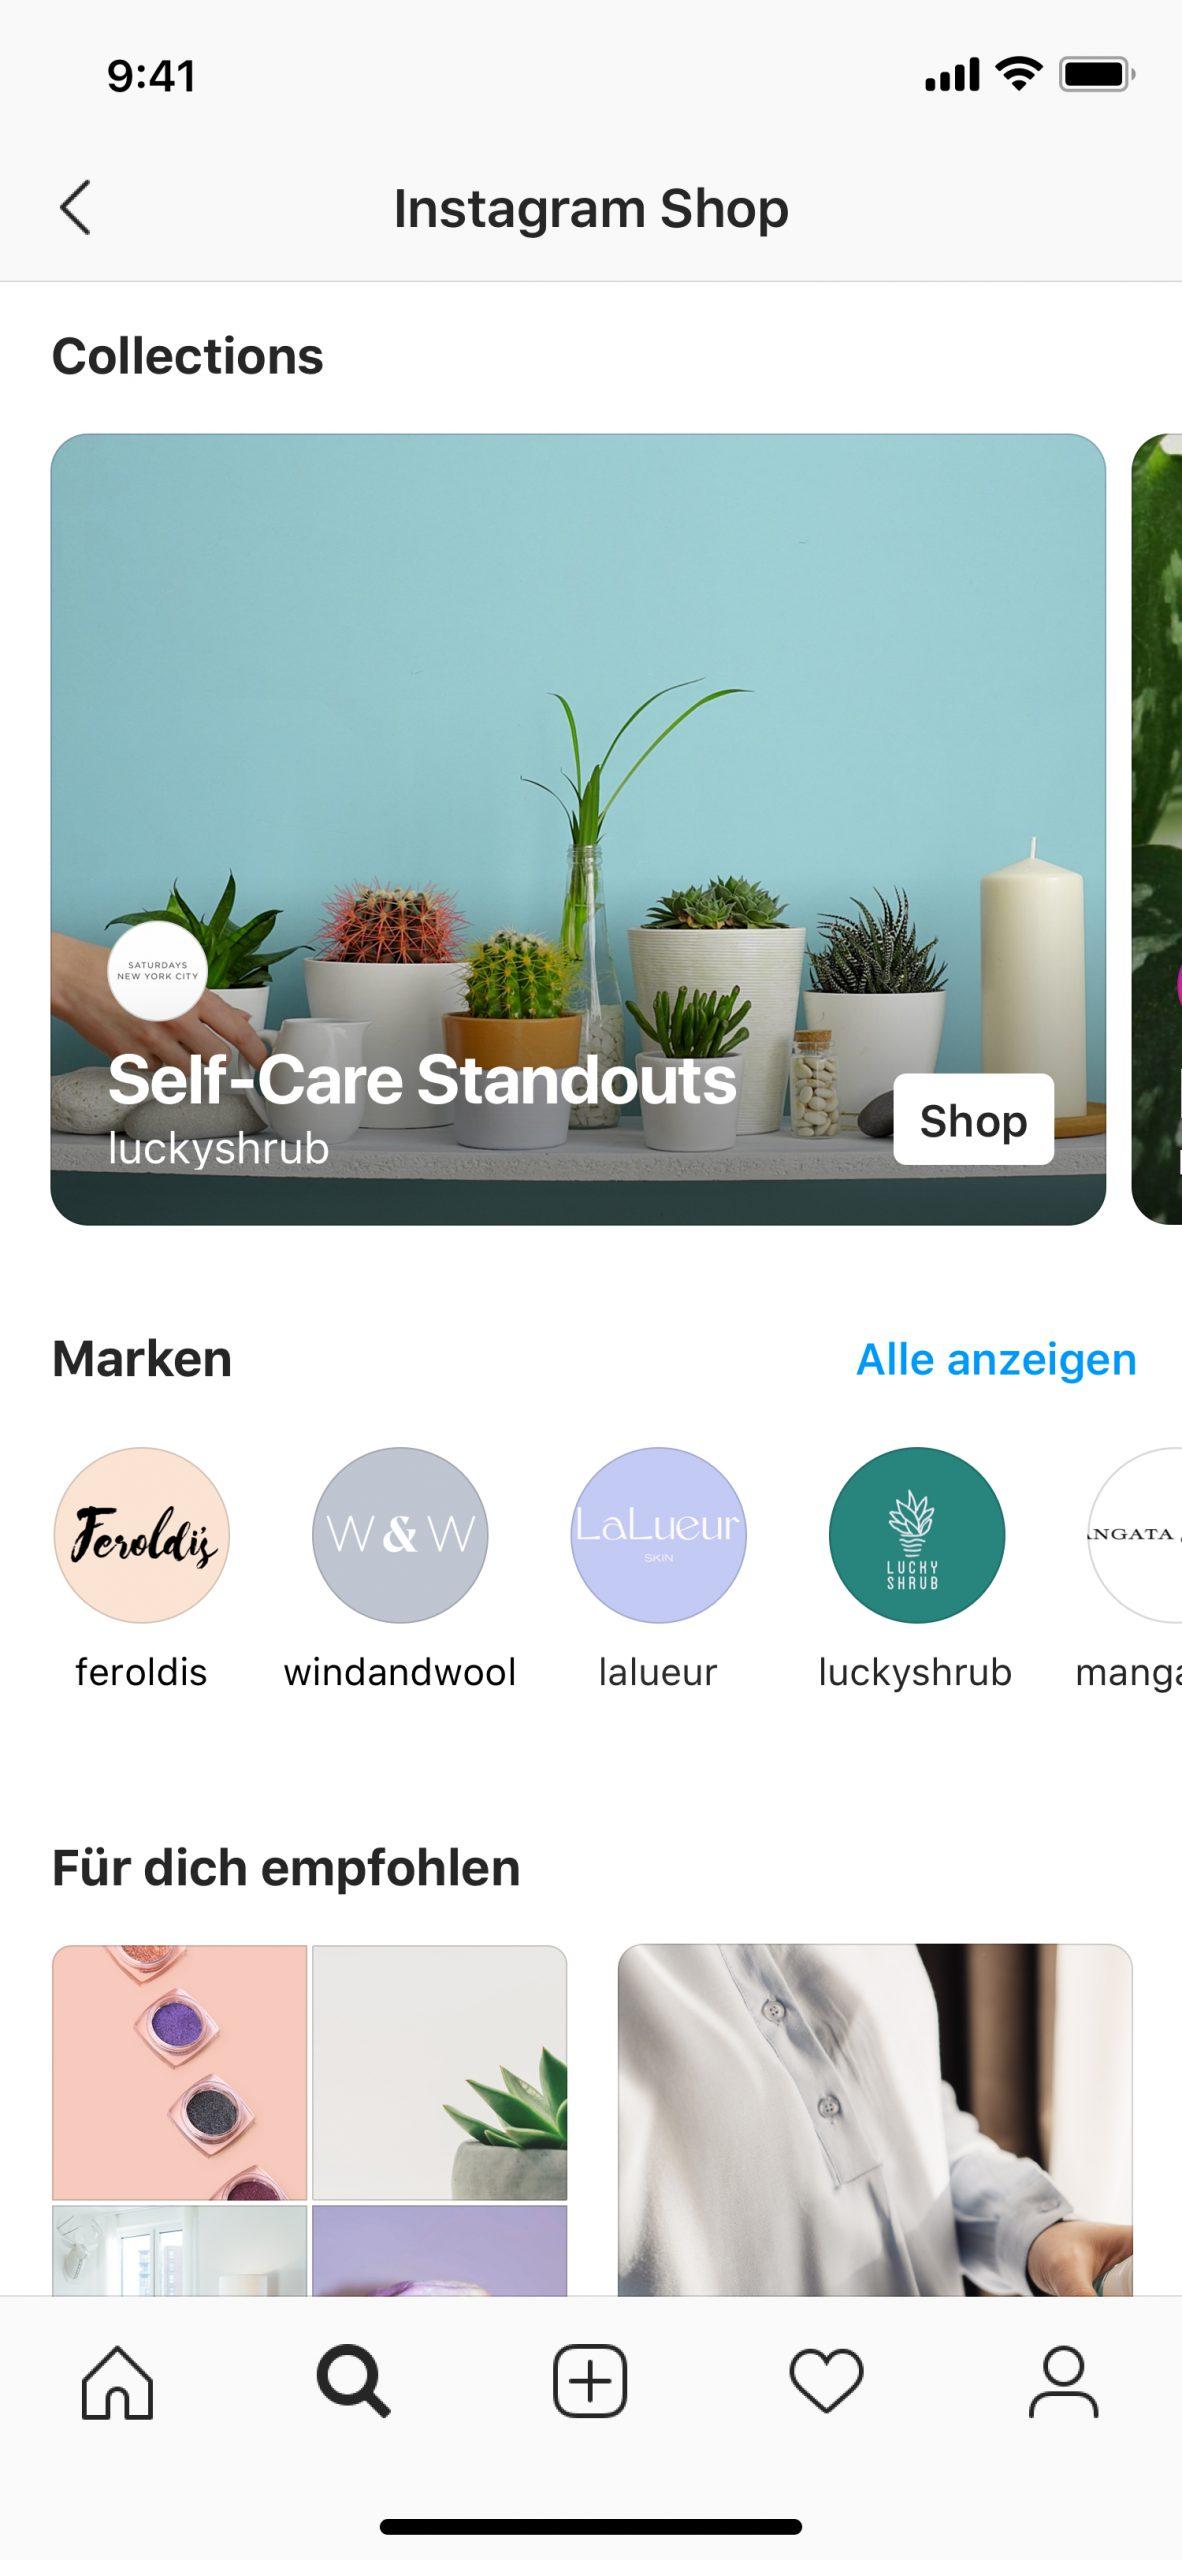 Instagram: Mehr Shopping-Inspiration auf Instagram